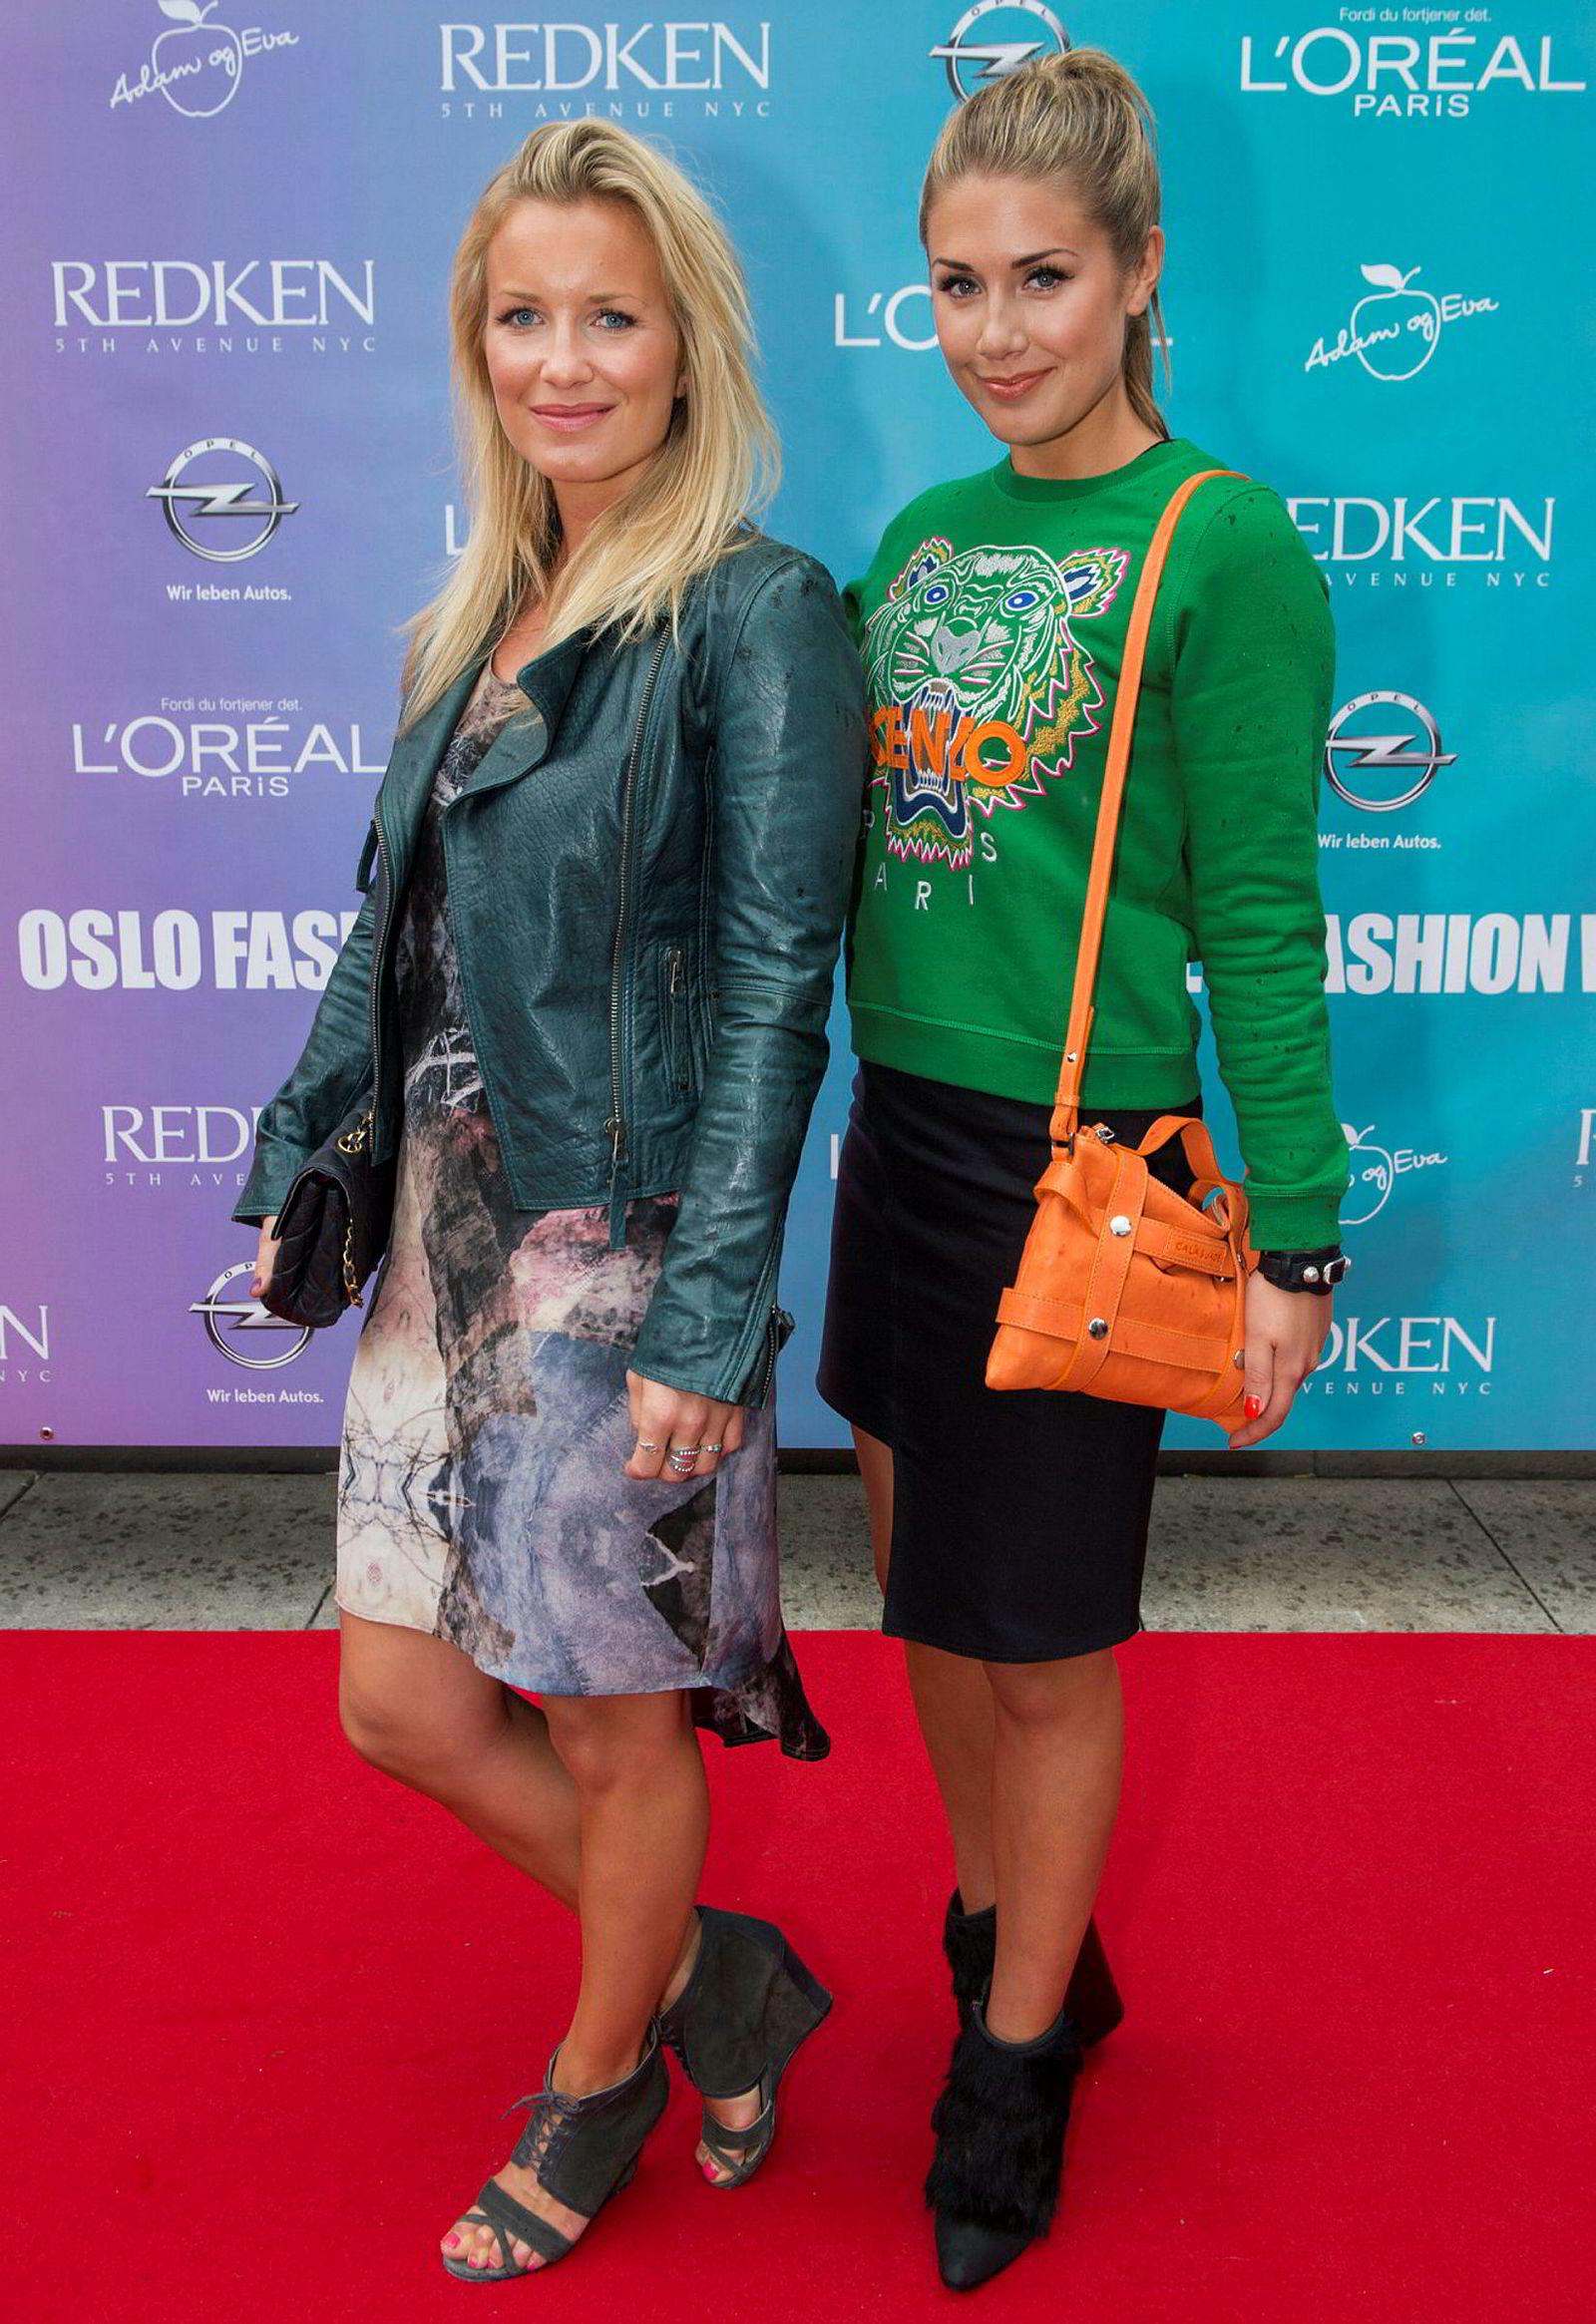 Danske Bank brukte blant annet Hedda Skoug til å nå ut til kvinner om investering hos dem. Skoug er livsstilsblogger, men også kjent som stylist for artisten Tone Damli.